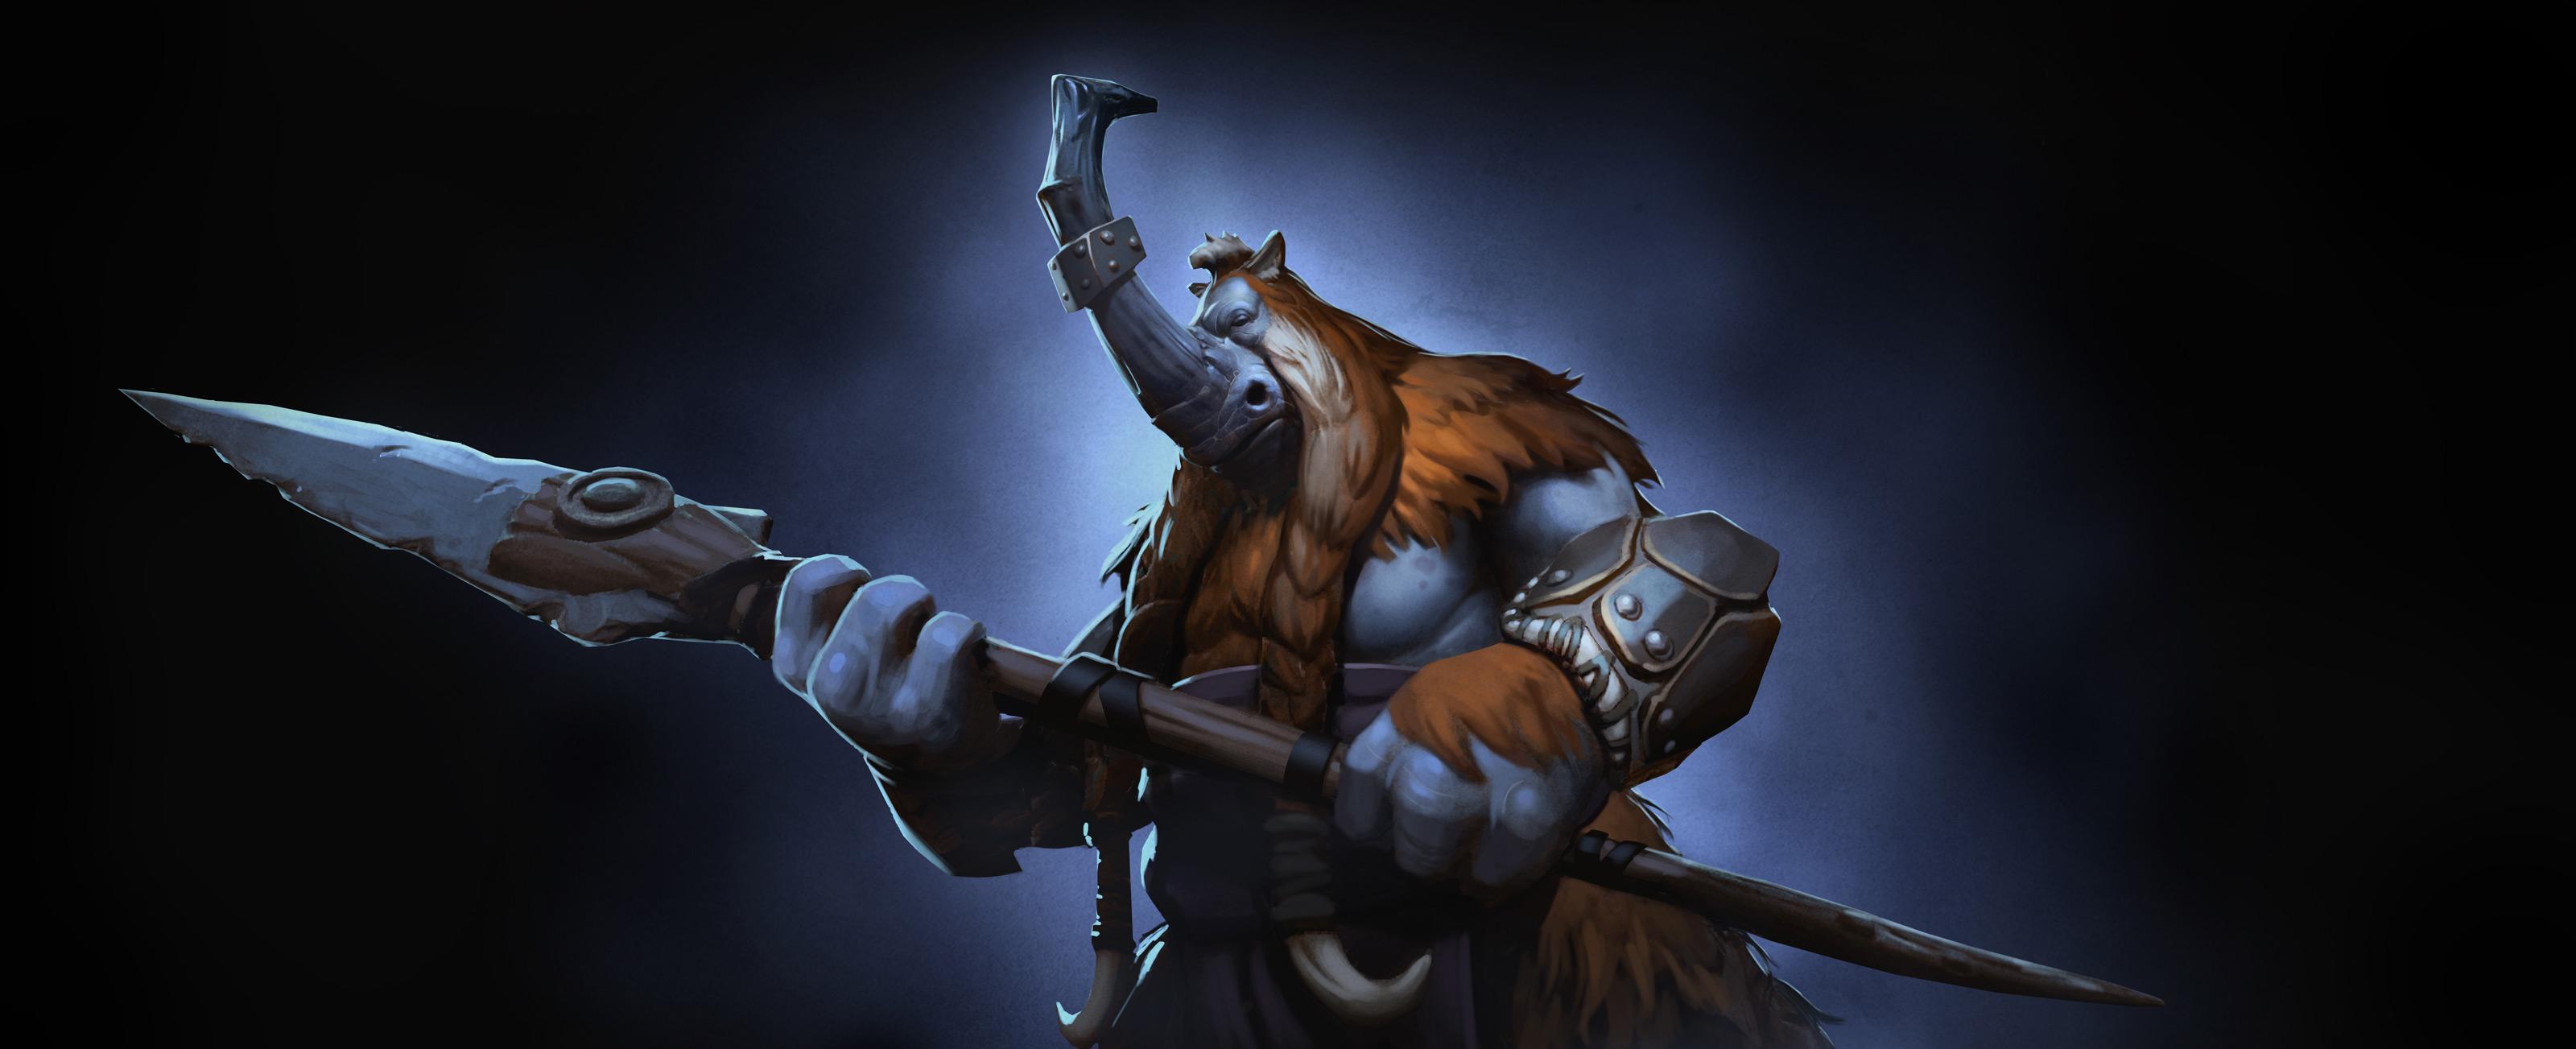 Loạt ảnh nguyên họa của các hero trong DotA 2 - Ảnh 33